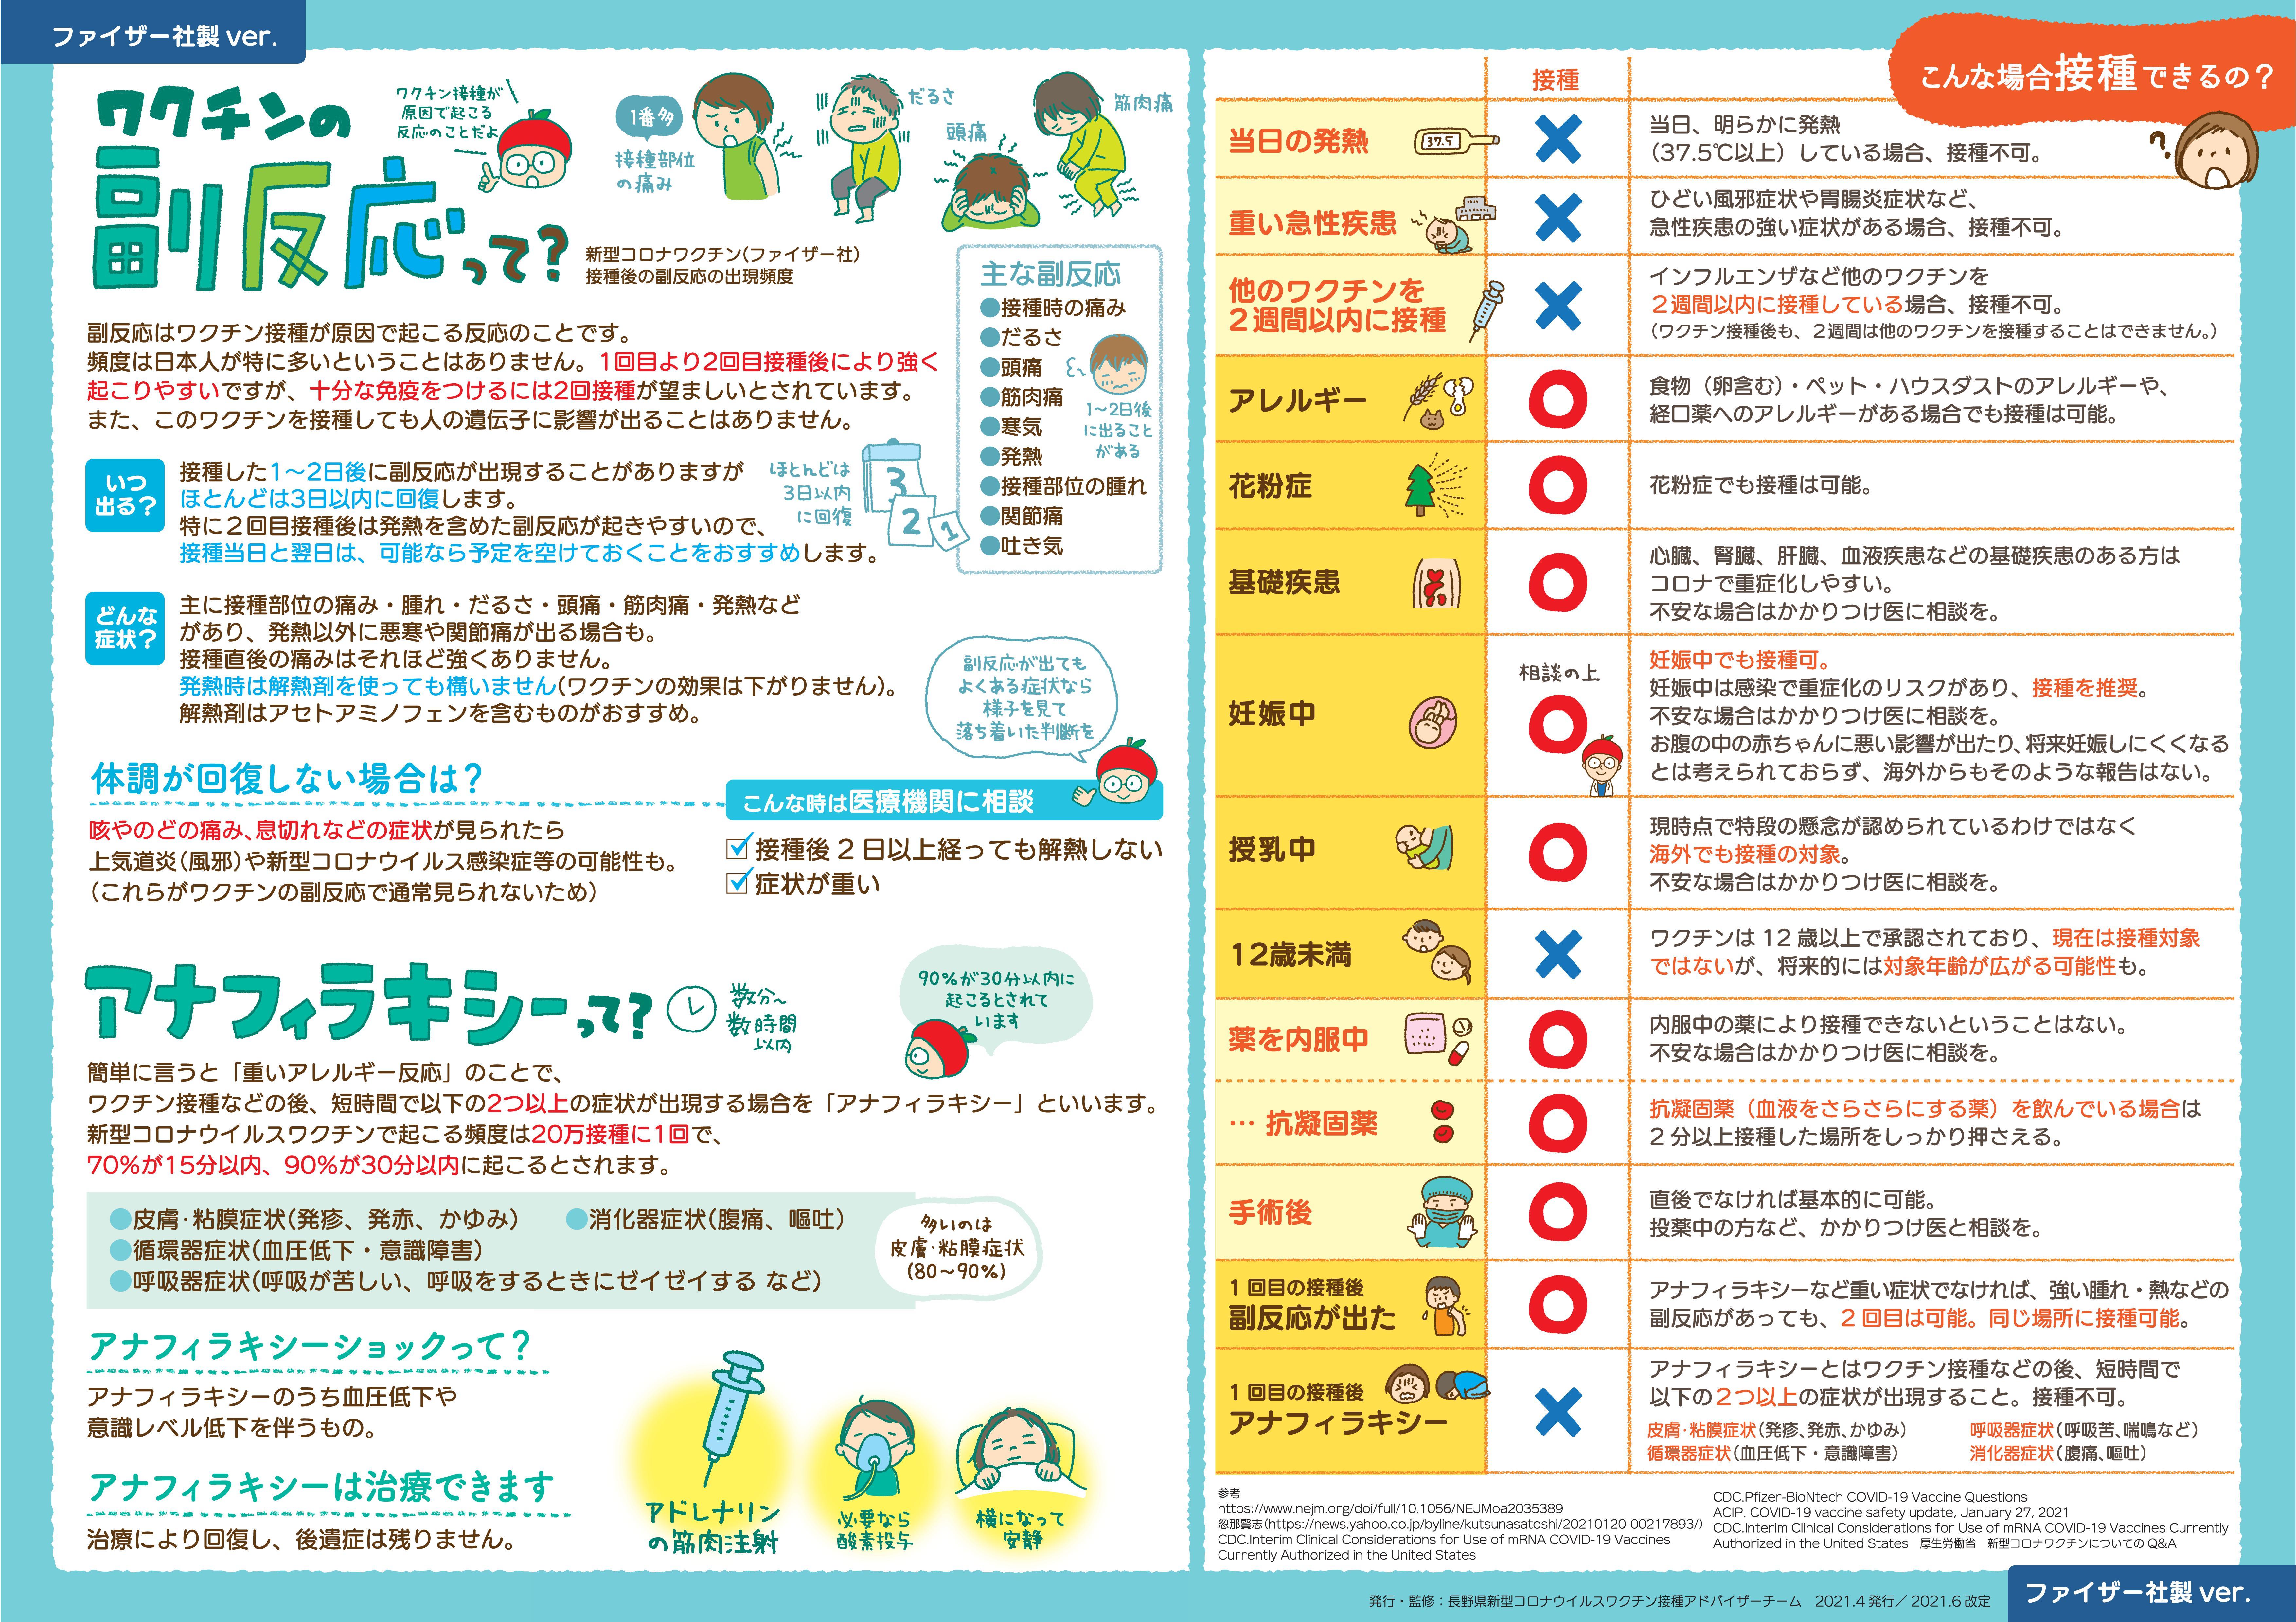 痛 コロナ 症状 関節 新型コロナウイルス 初期症状